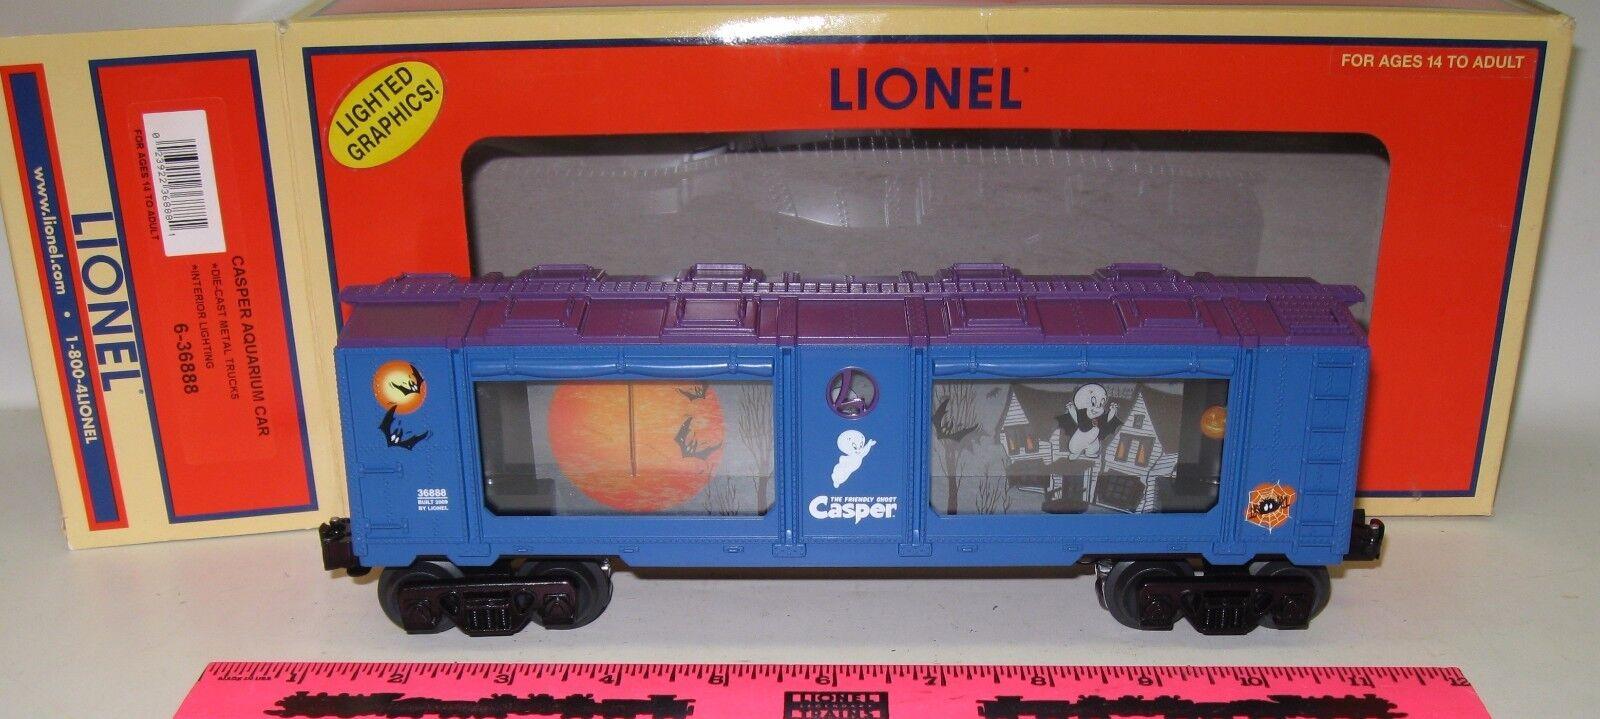 Lionel  6-36888 Casper Aquarium car